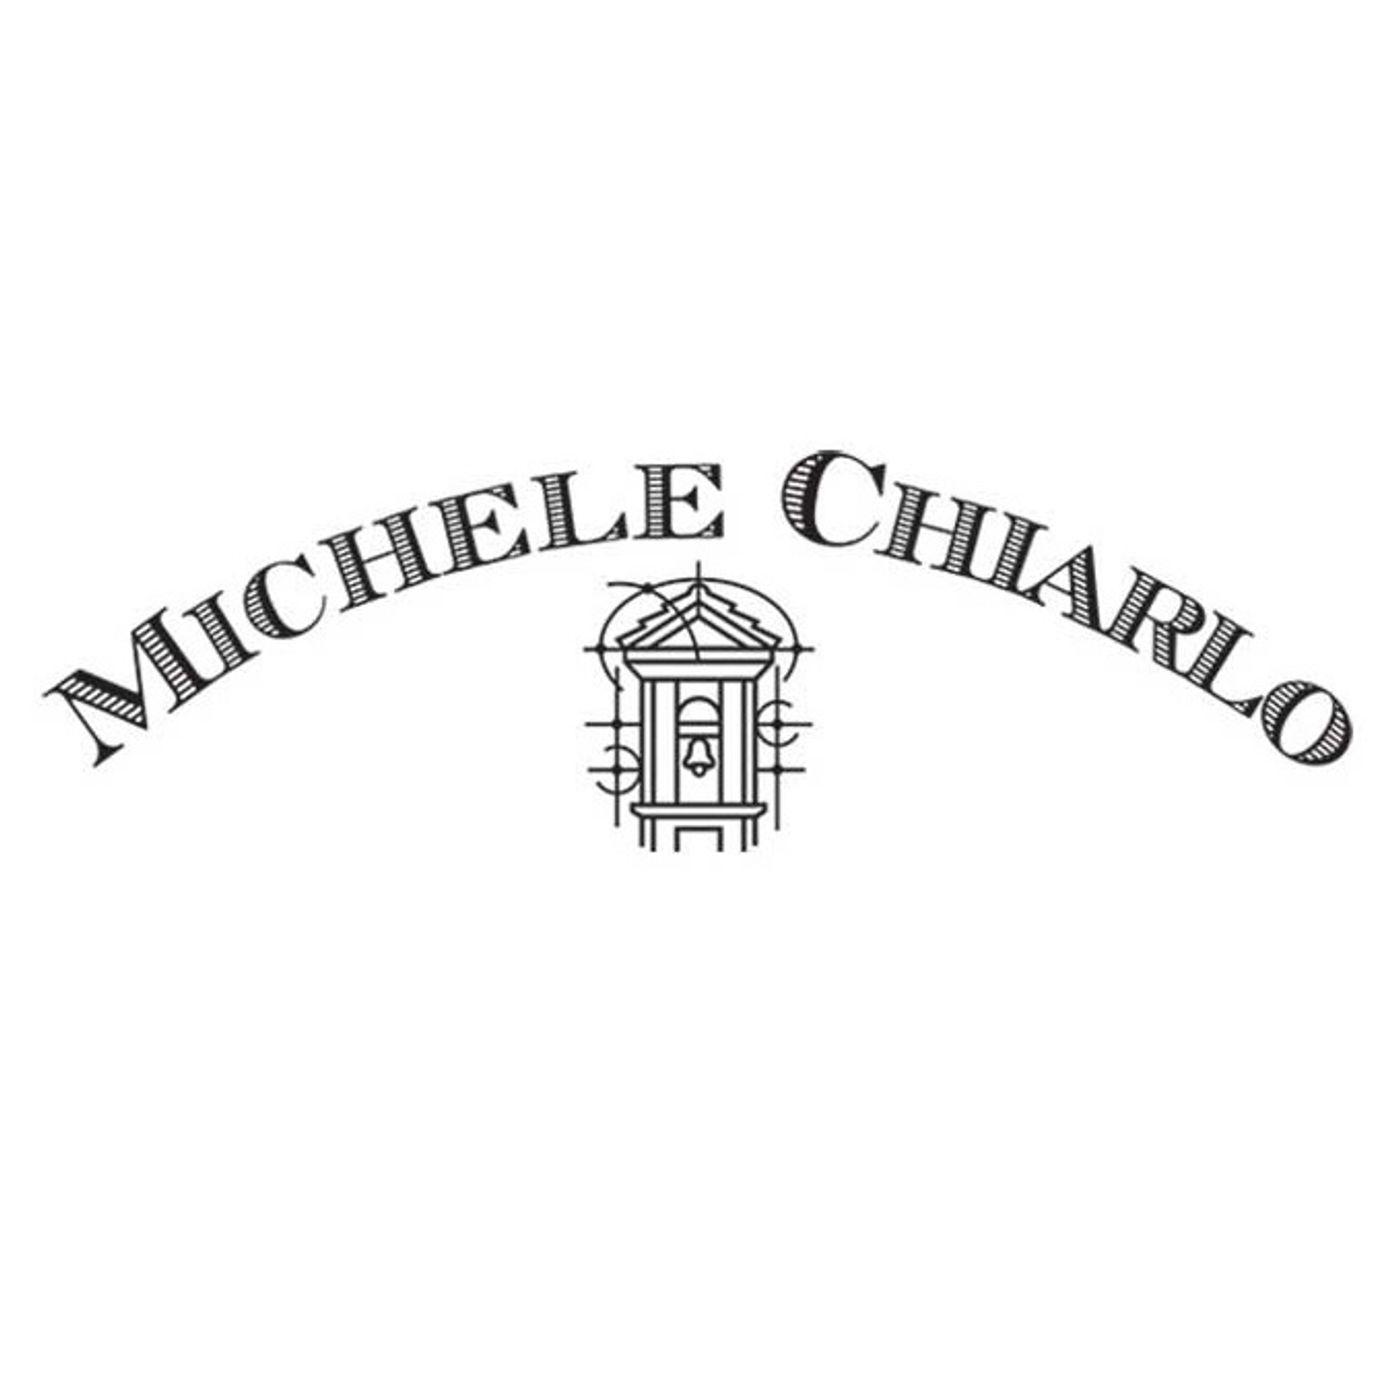 Italy - Michele Chiarlo - Stefano Chiarlo